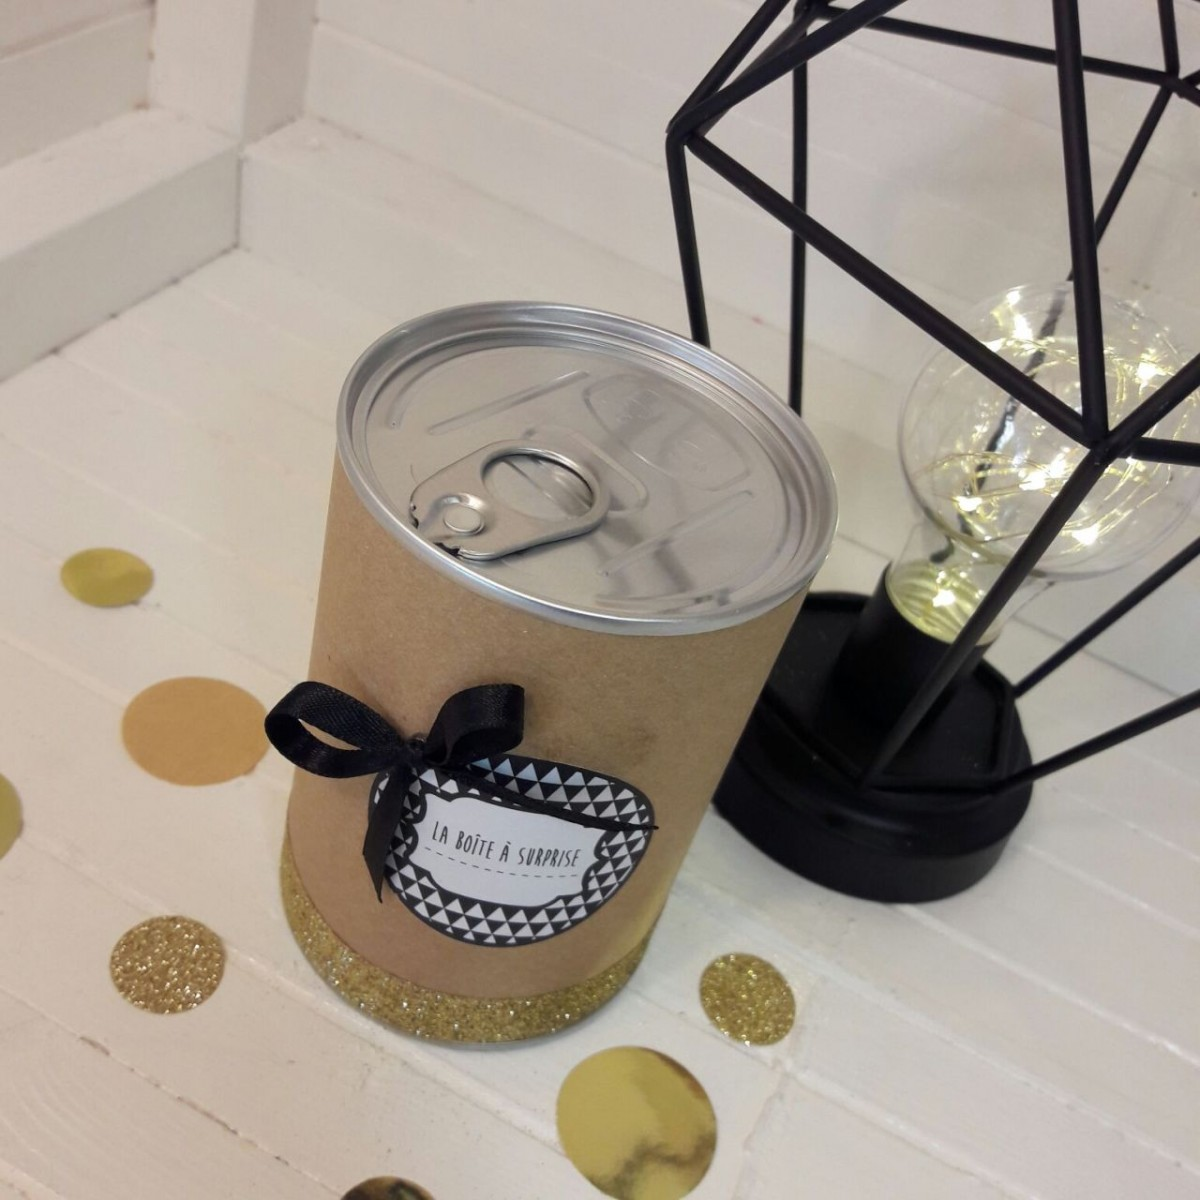 boite surprise super demoiselle d 39 honneur sac en tissu id e cadeau. Black Bedroom Furniture Sets. Home Design Ideas